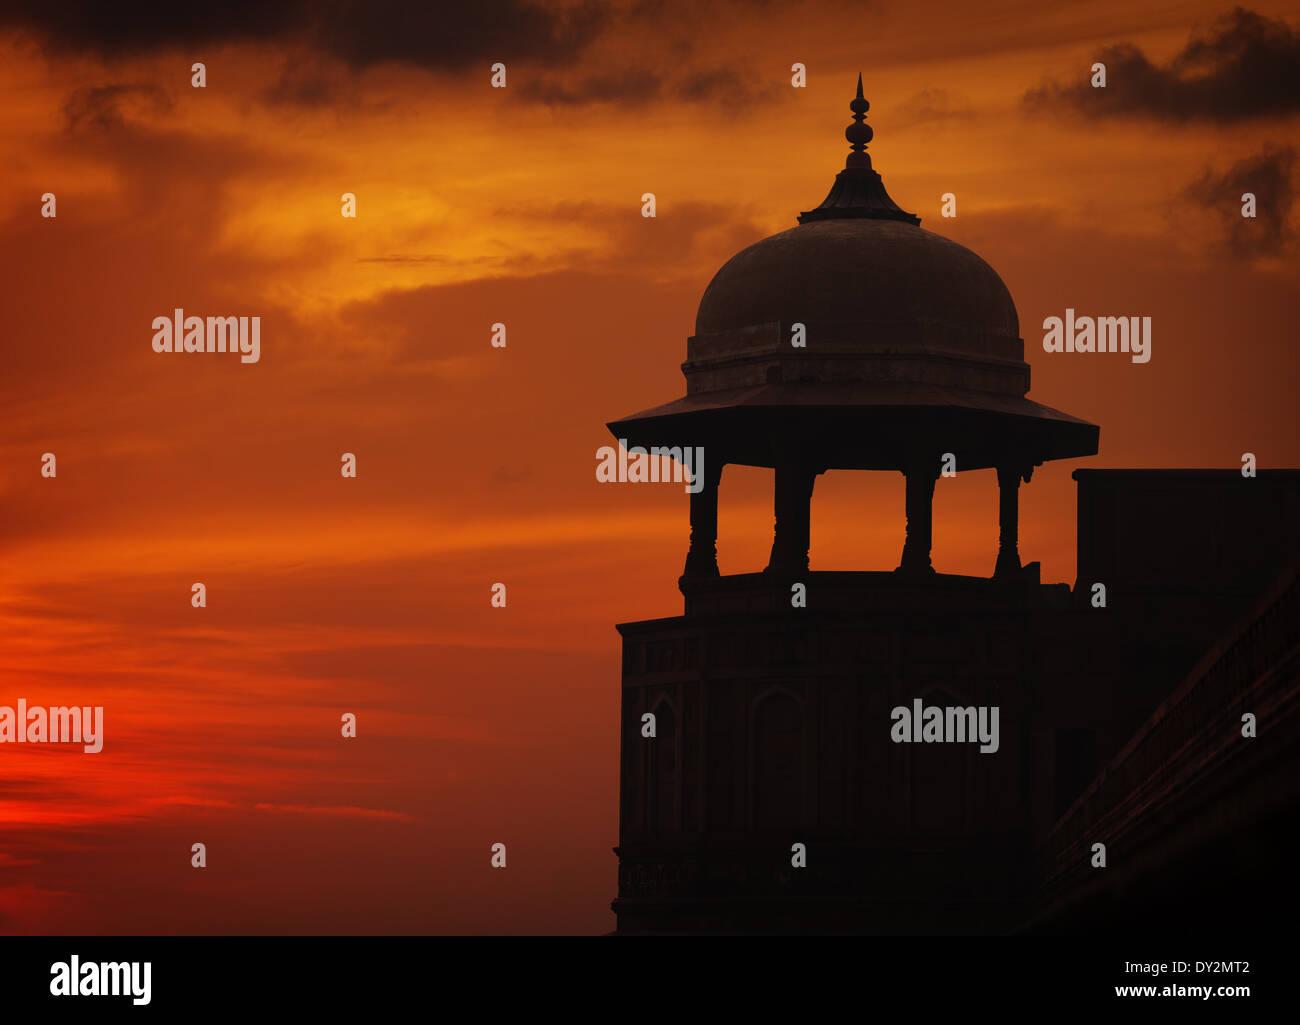 Silhouette de la tour de style asiatique sur fond de ciel coucher de soleil rouge, ford, Agra, Inde Photo Stock